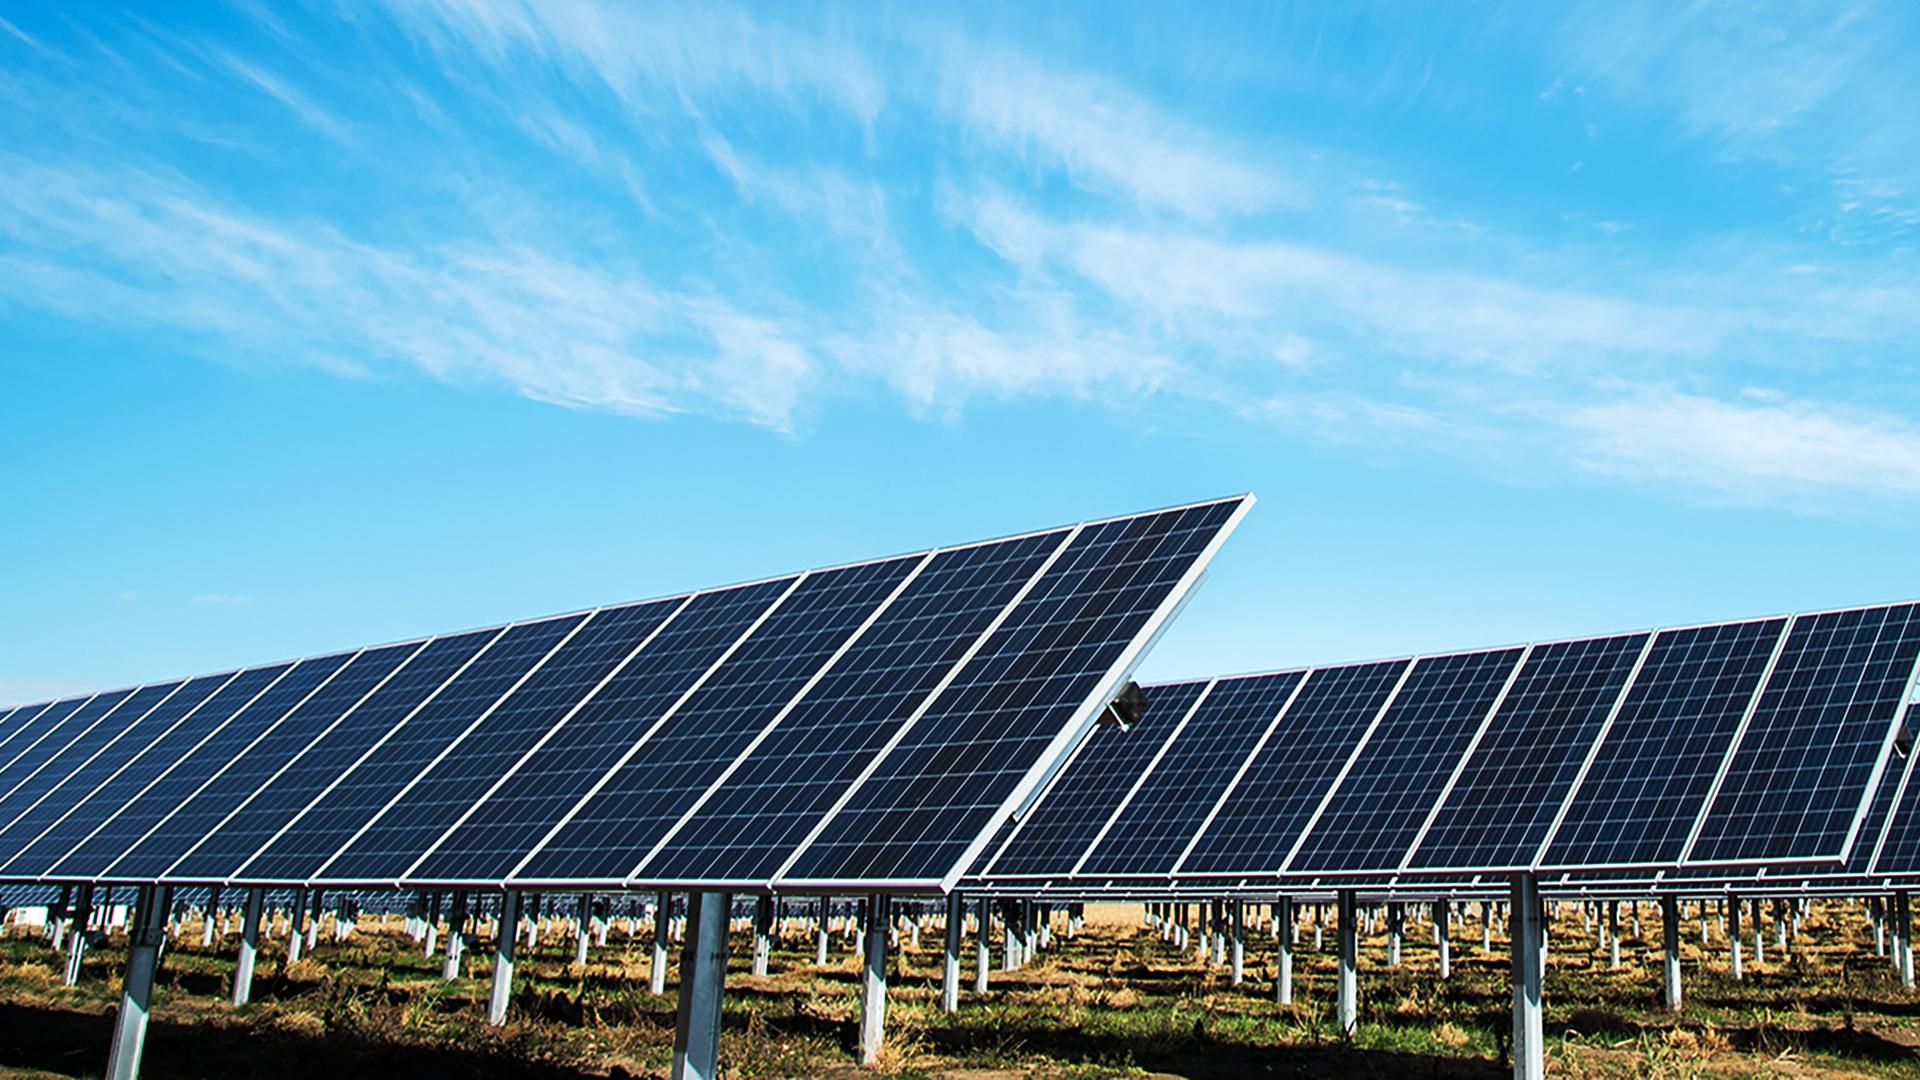 Pakistan 21 MW